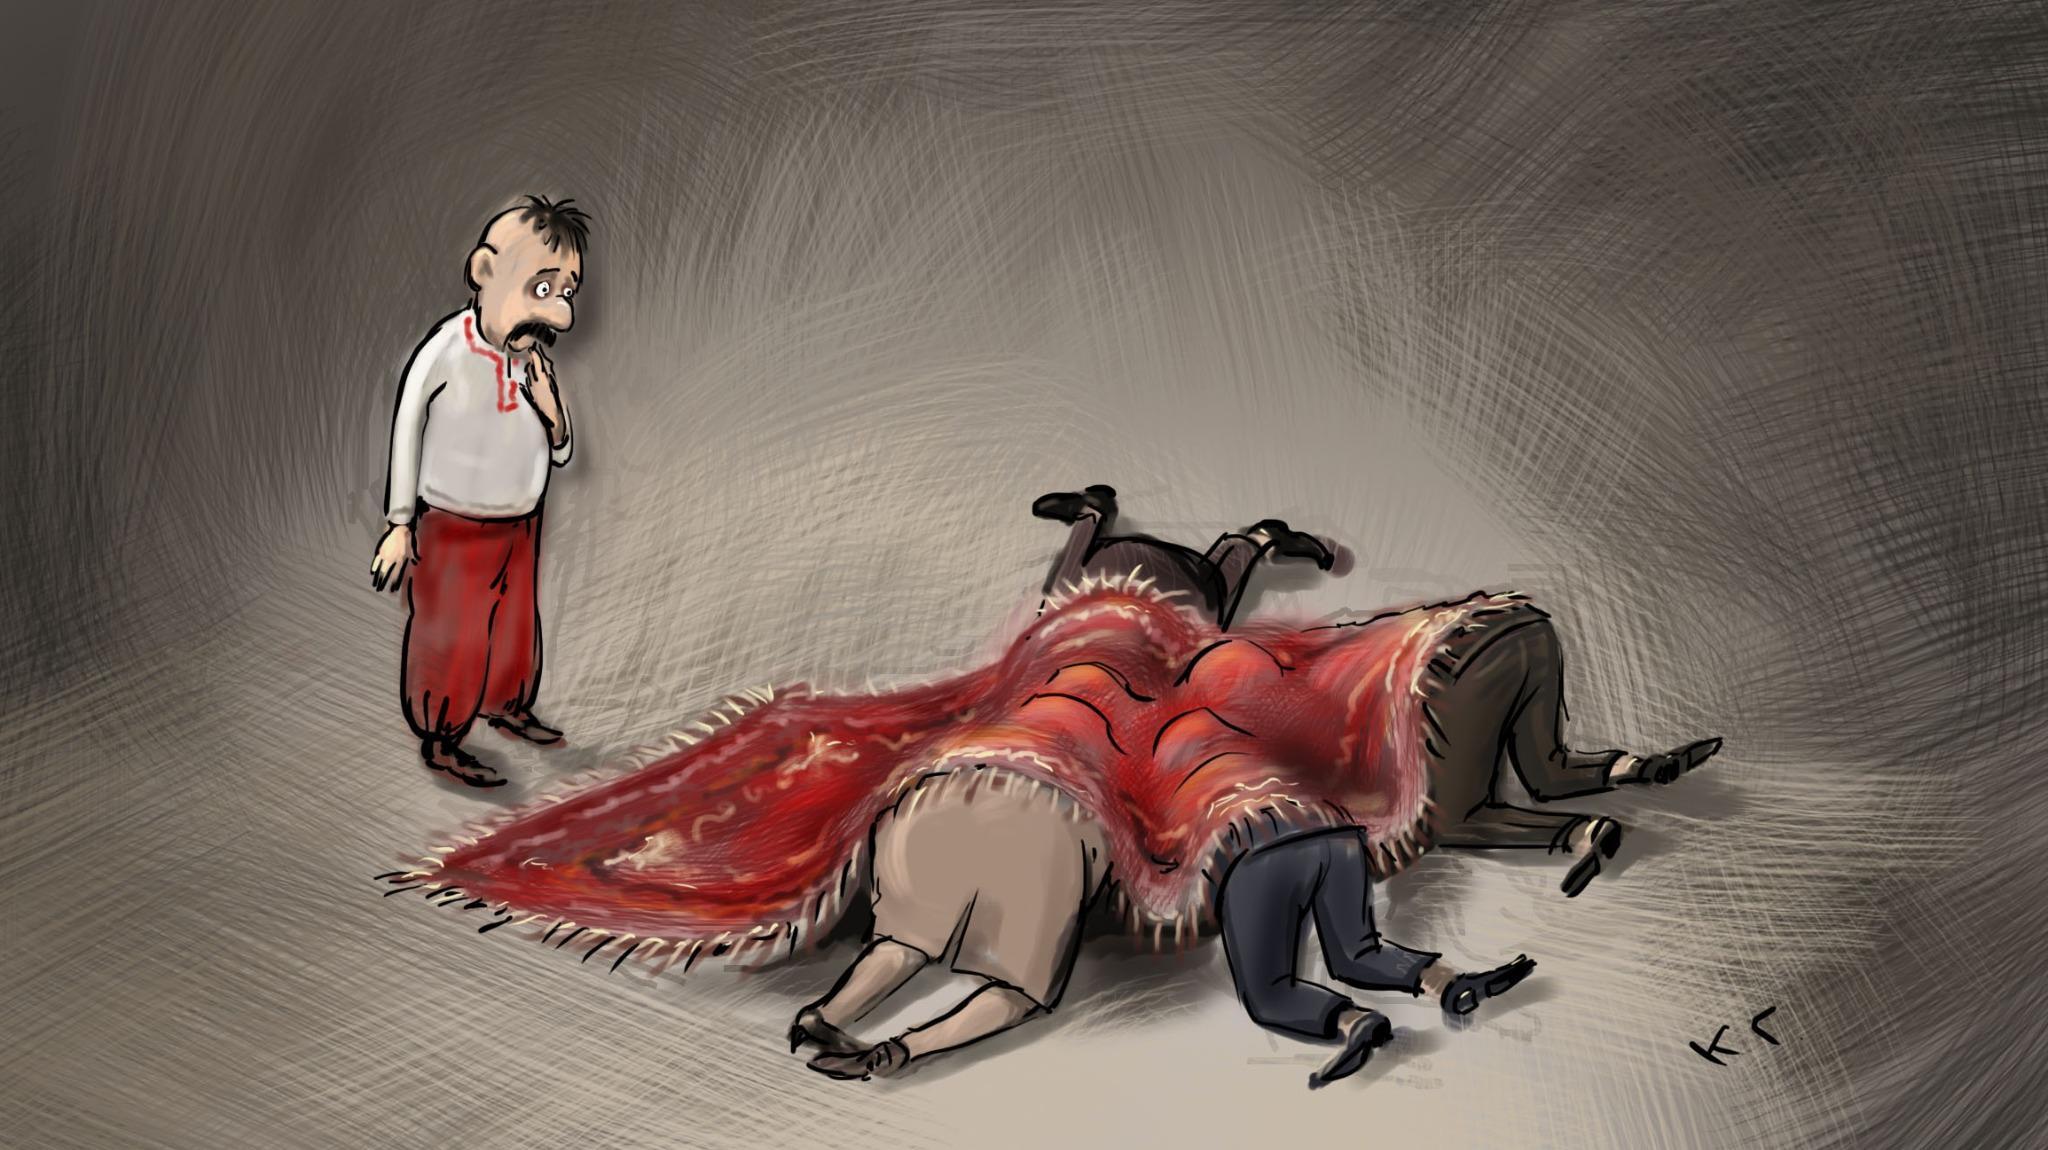 Переговоры в Минске идут сложно, но надежда на совместную договоренность есть, - МИД - Цензор.НЕТ 783